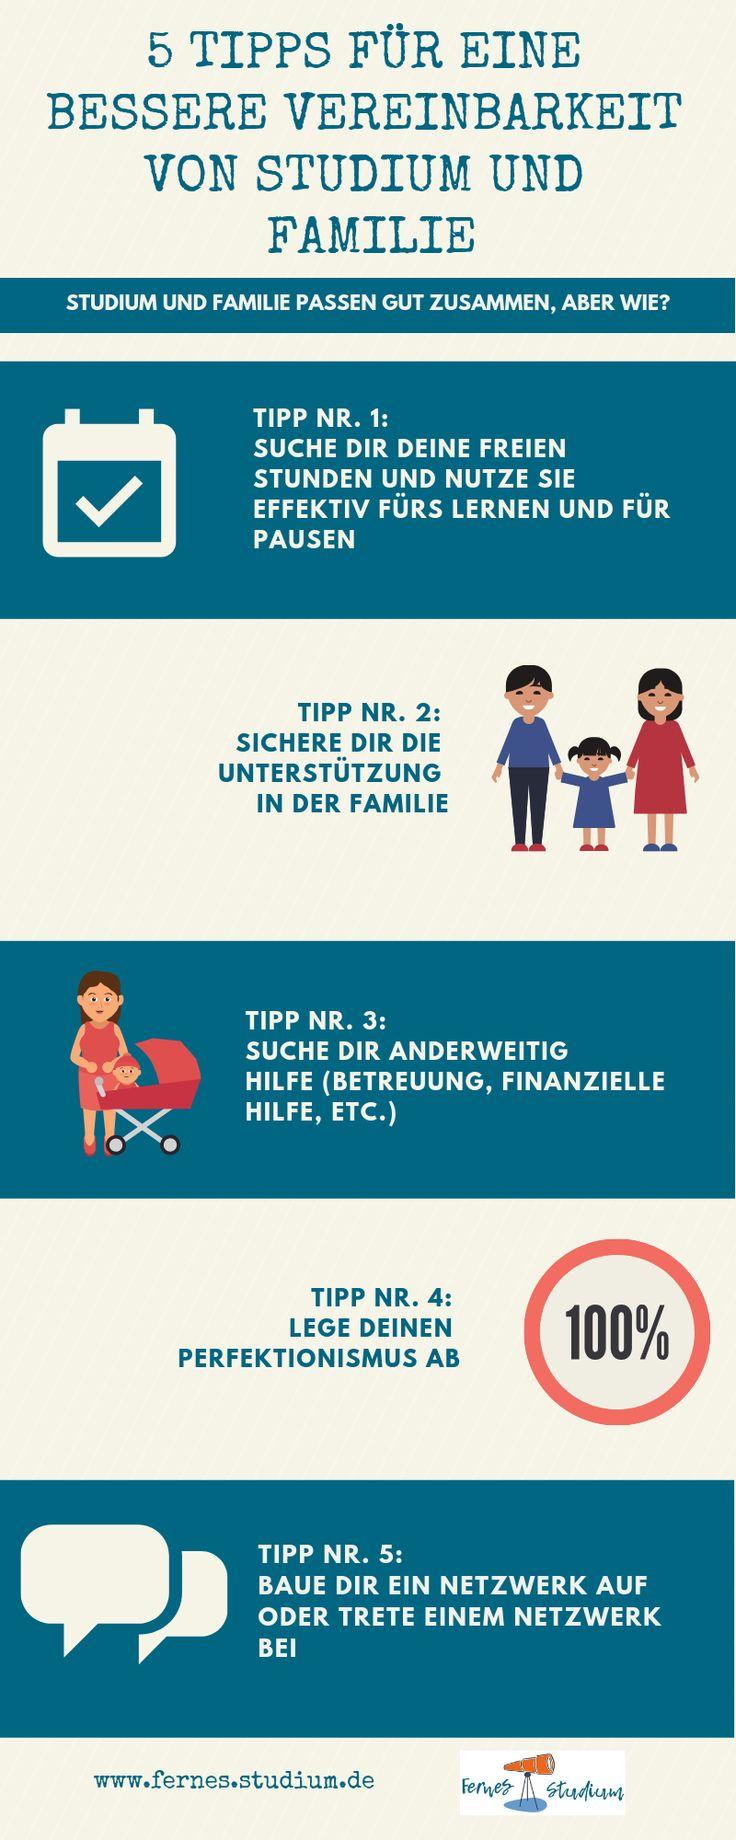 5 Tipps für eine bessere Vereinbarkeit von Studium und Familie